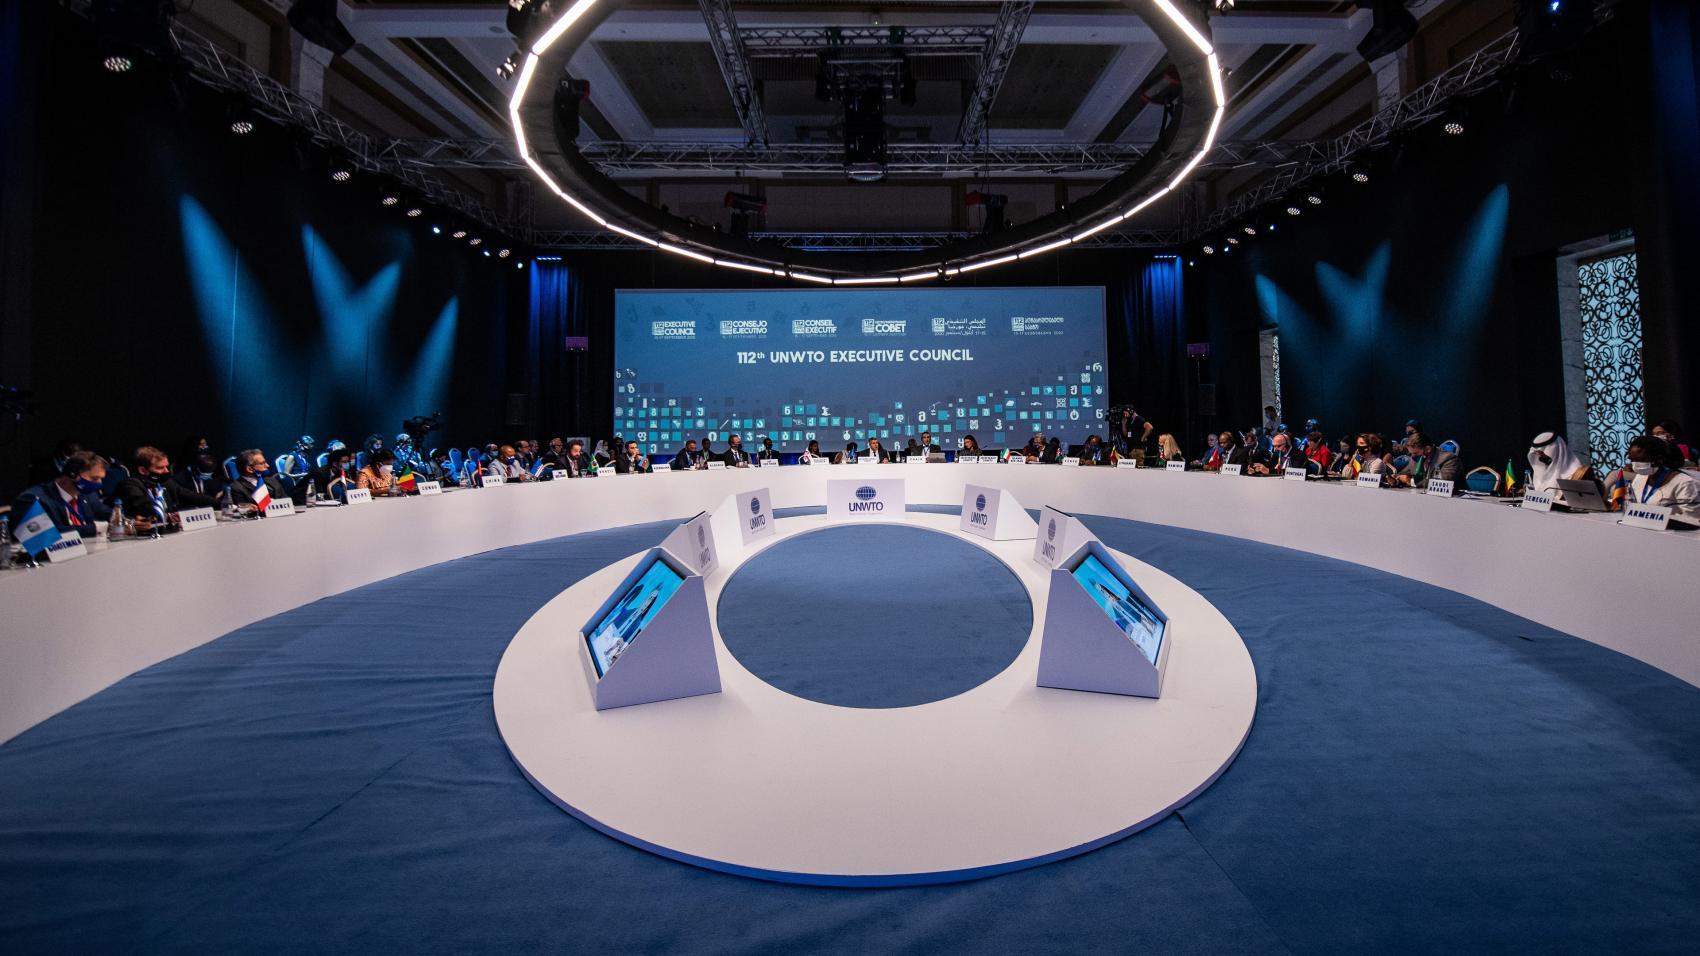 Le Conseil exécutif de l'OMT soutient un plan solide et unifié d'un tourisme mondial